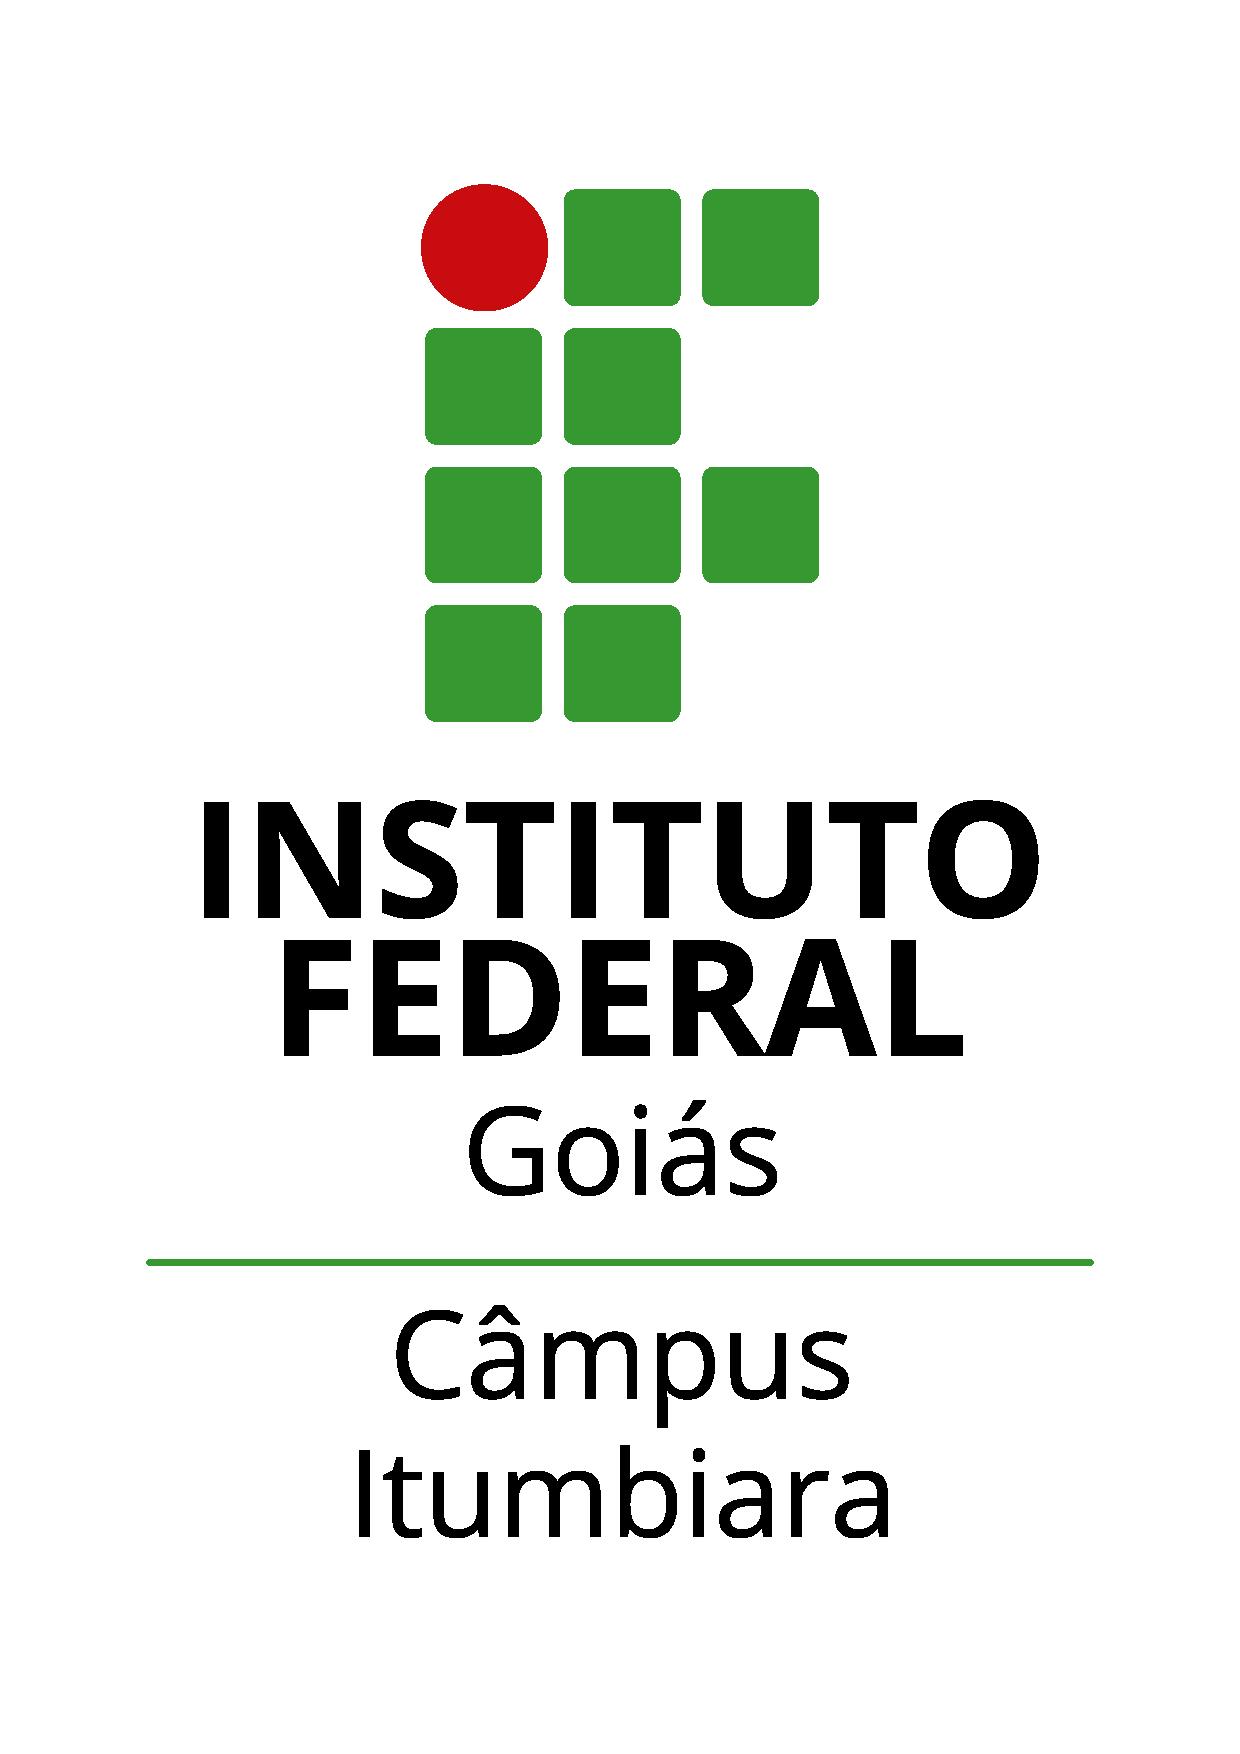 logo-ifg-vertical-itumbiara